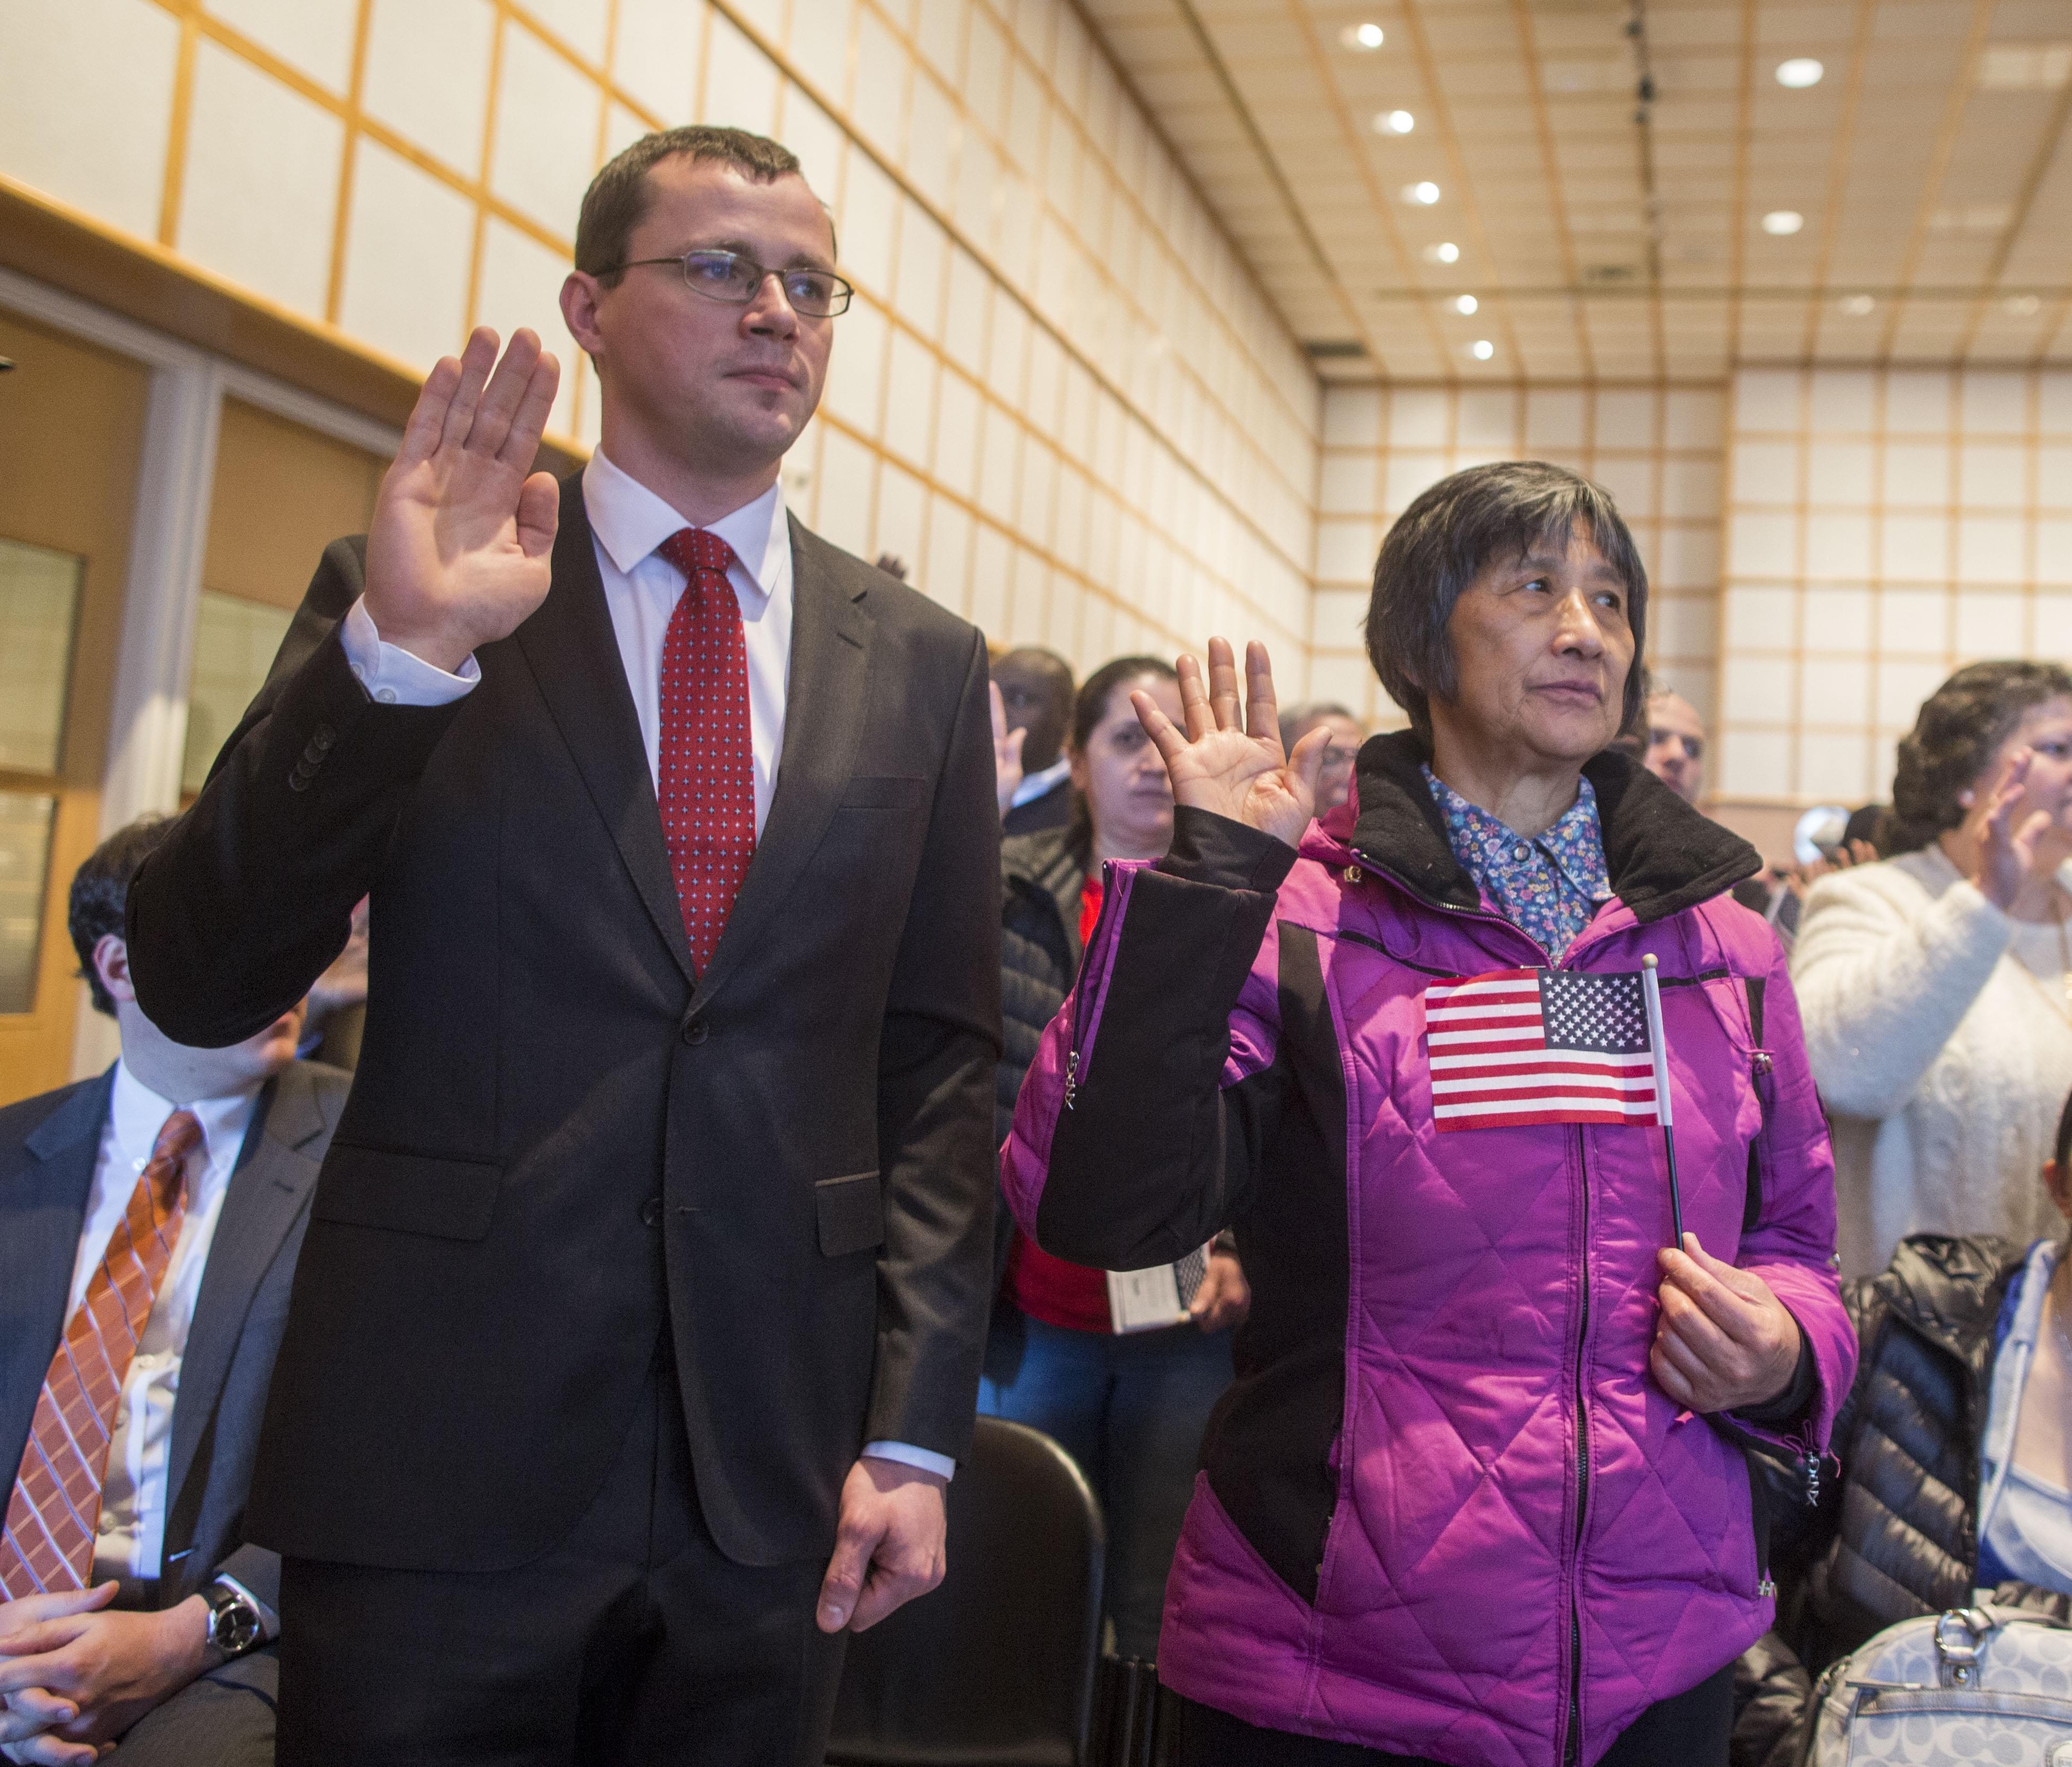 2017年2月8日,美国波士顿,73岁的中国人王女士和39岁的波兰人Rybczynski参加入籍仪式,正式成为美国公民。/CFP